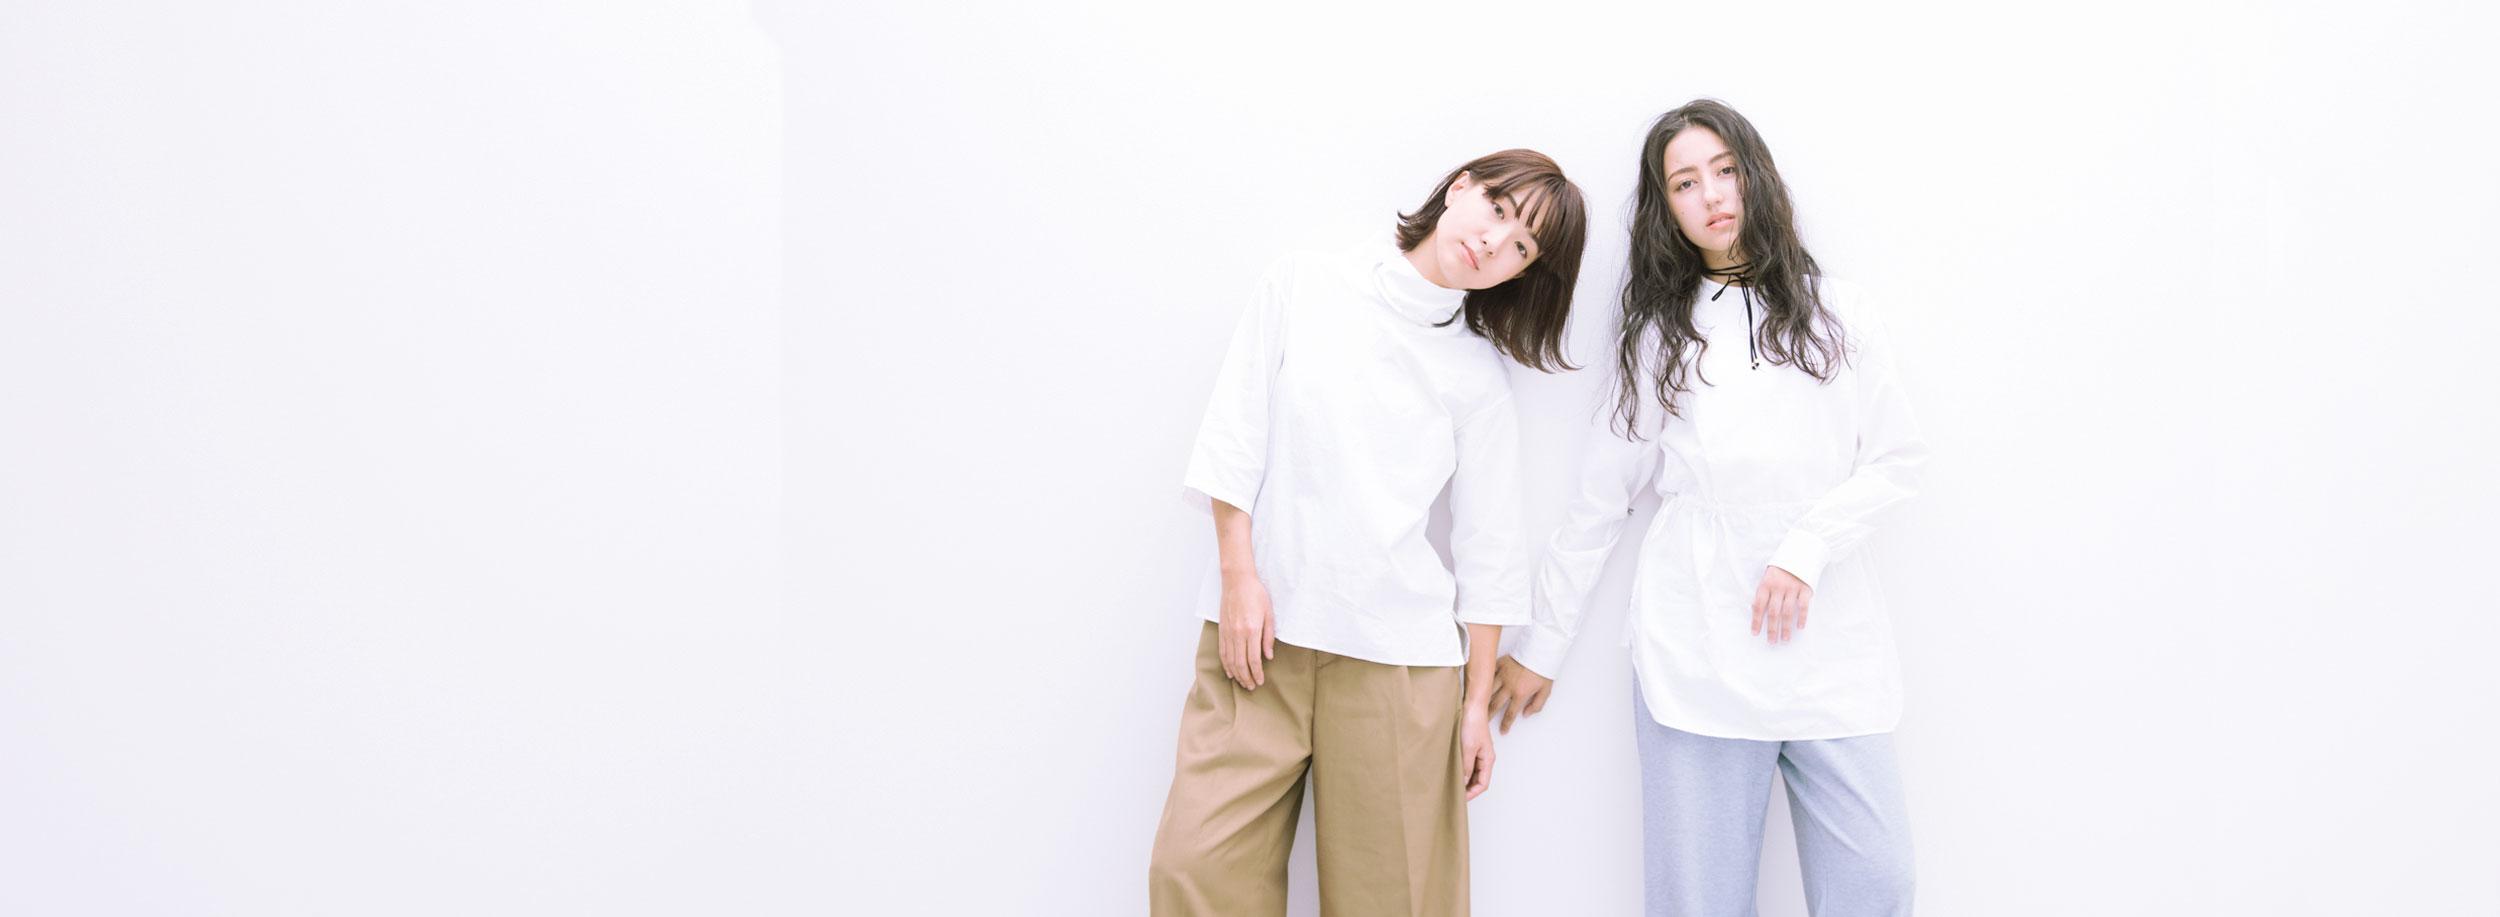 松阪の美容院「シゲルカットクラブ」のイメージ写真